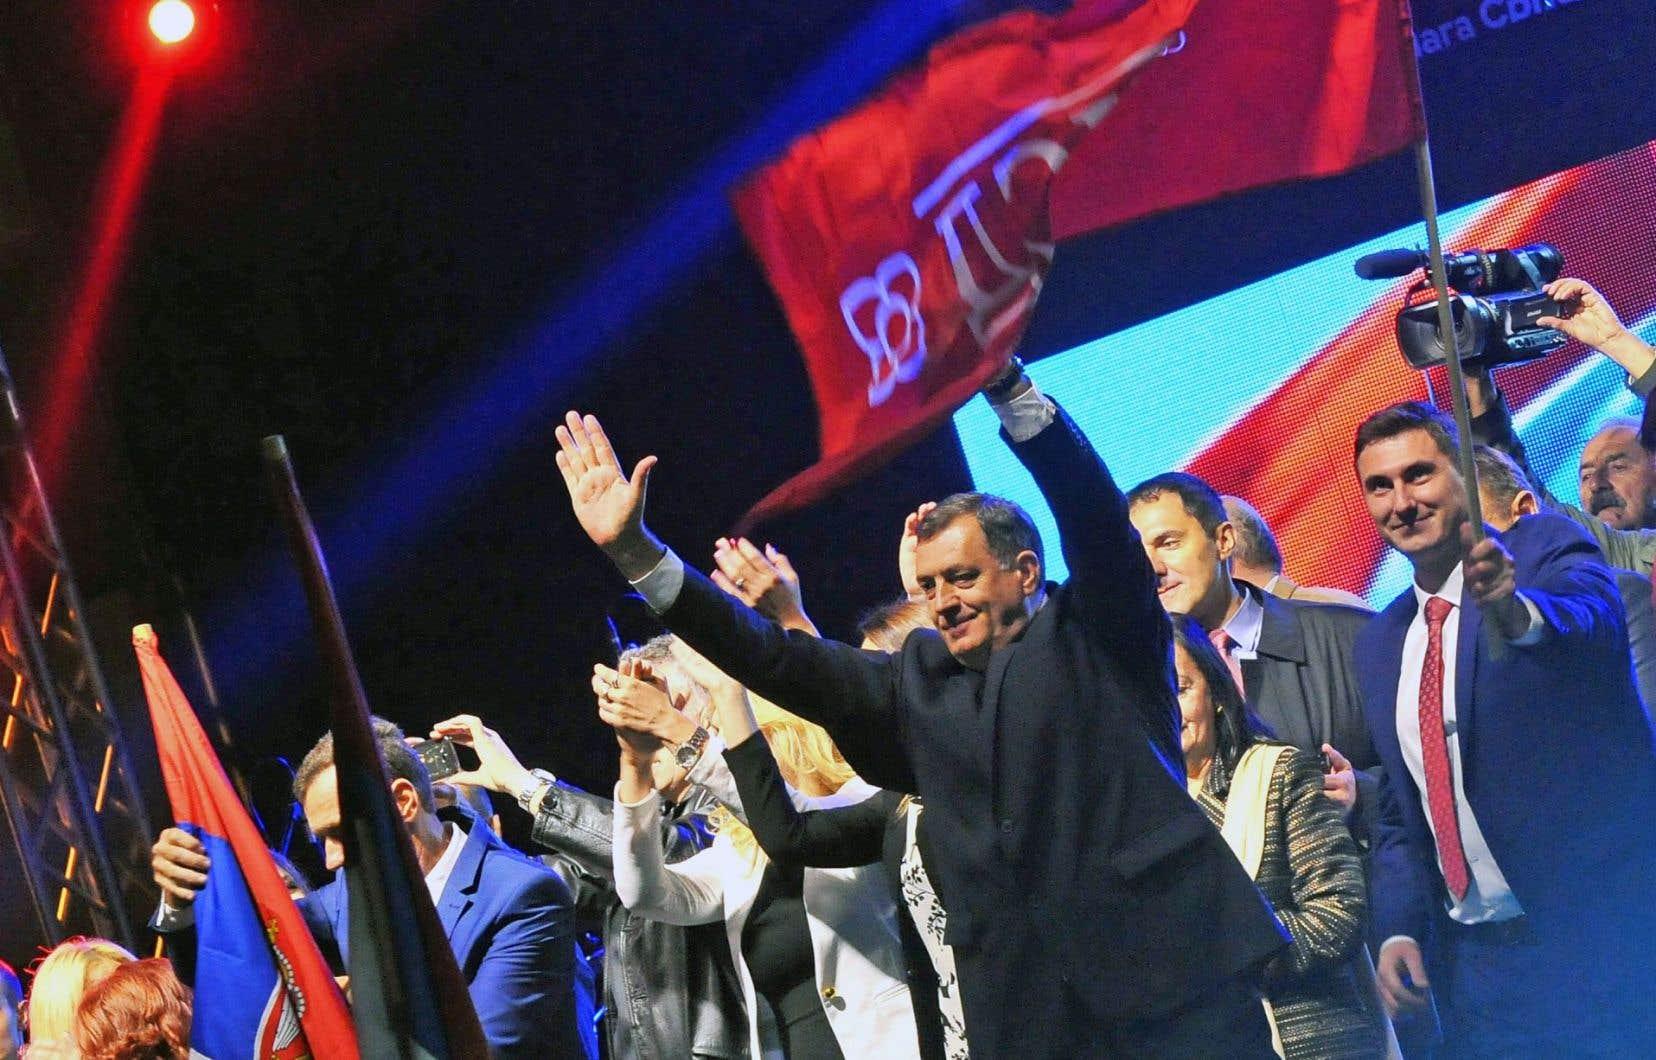 Le président Milorad Dodik semble avoir obtenu le plébiscite qu'il cherchait auprès des électeurs, qui ont dit oui à une fête nationale.